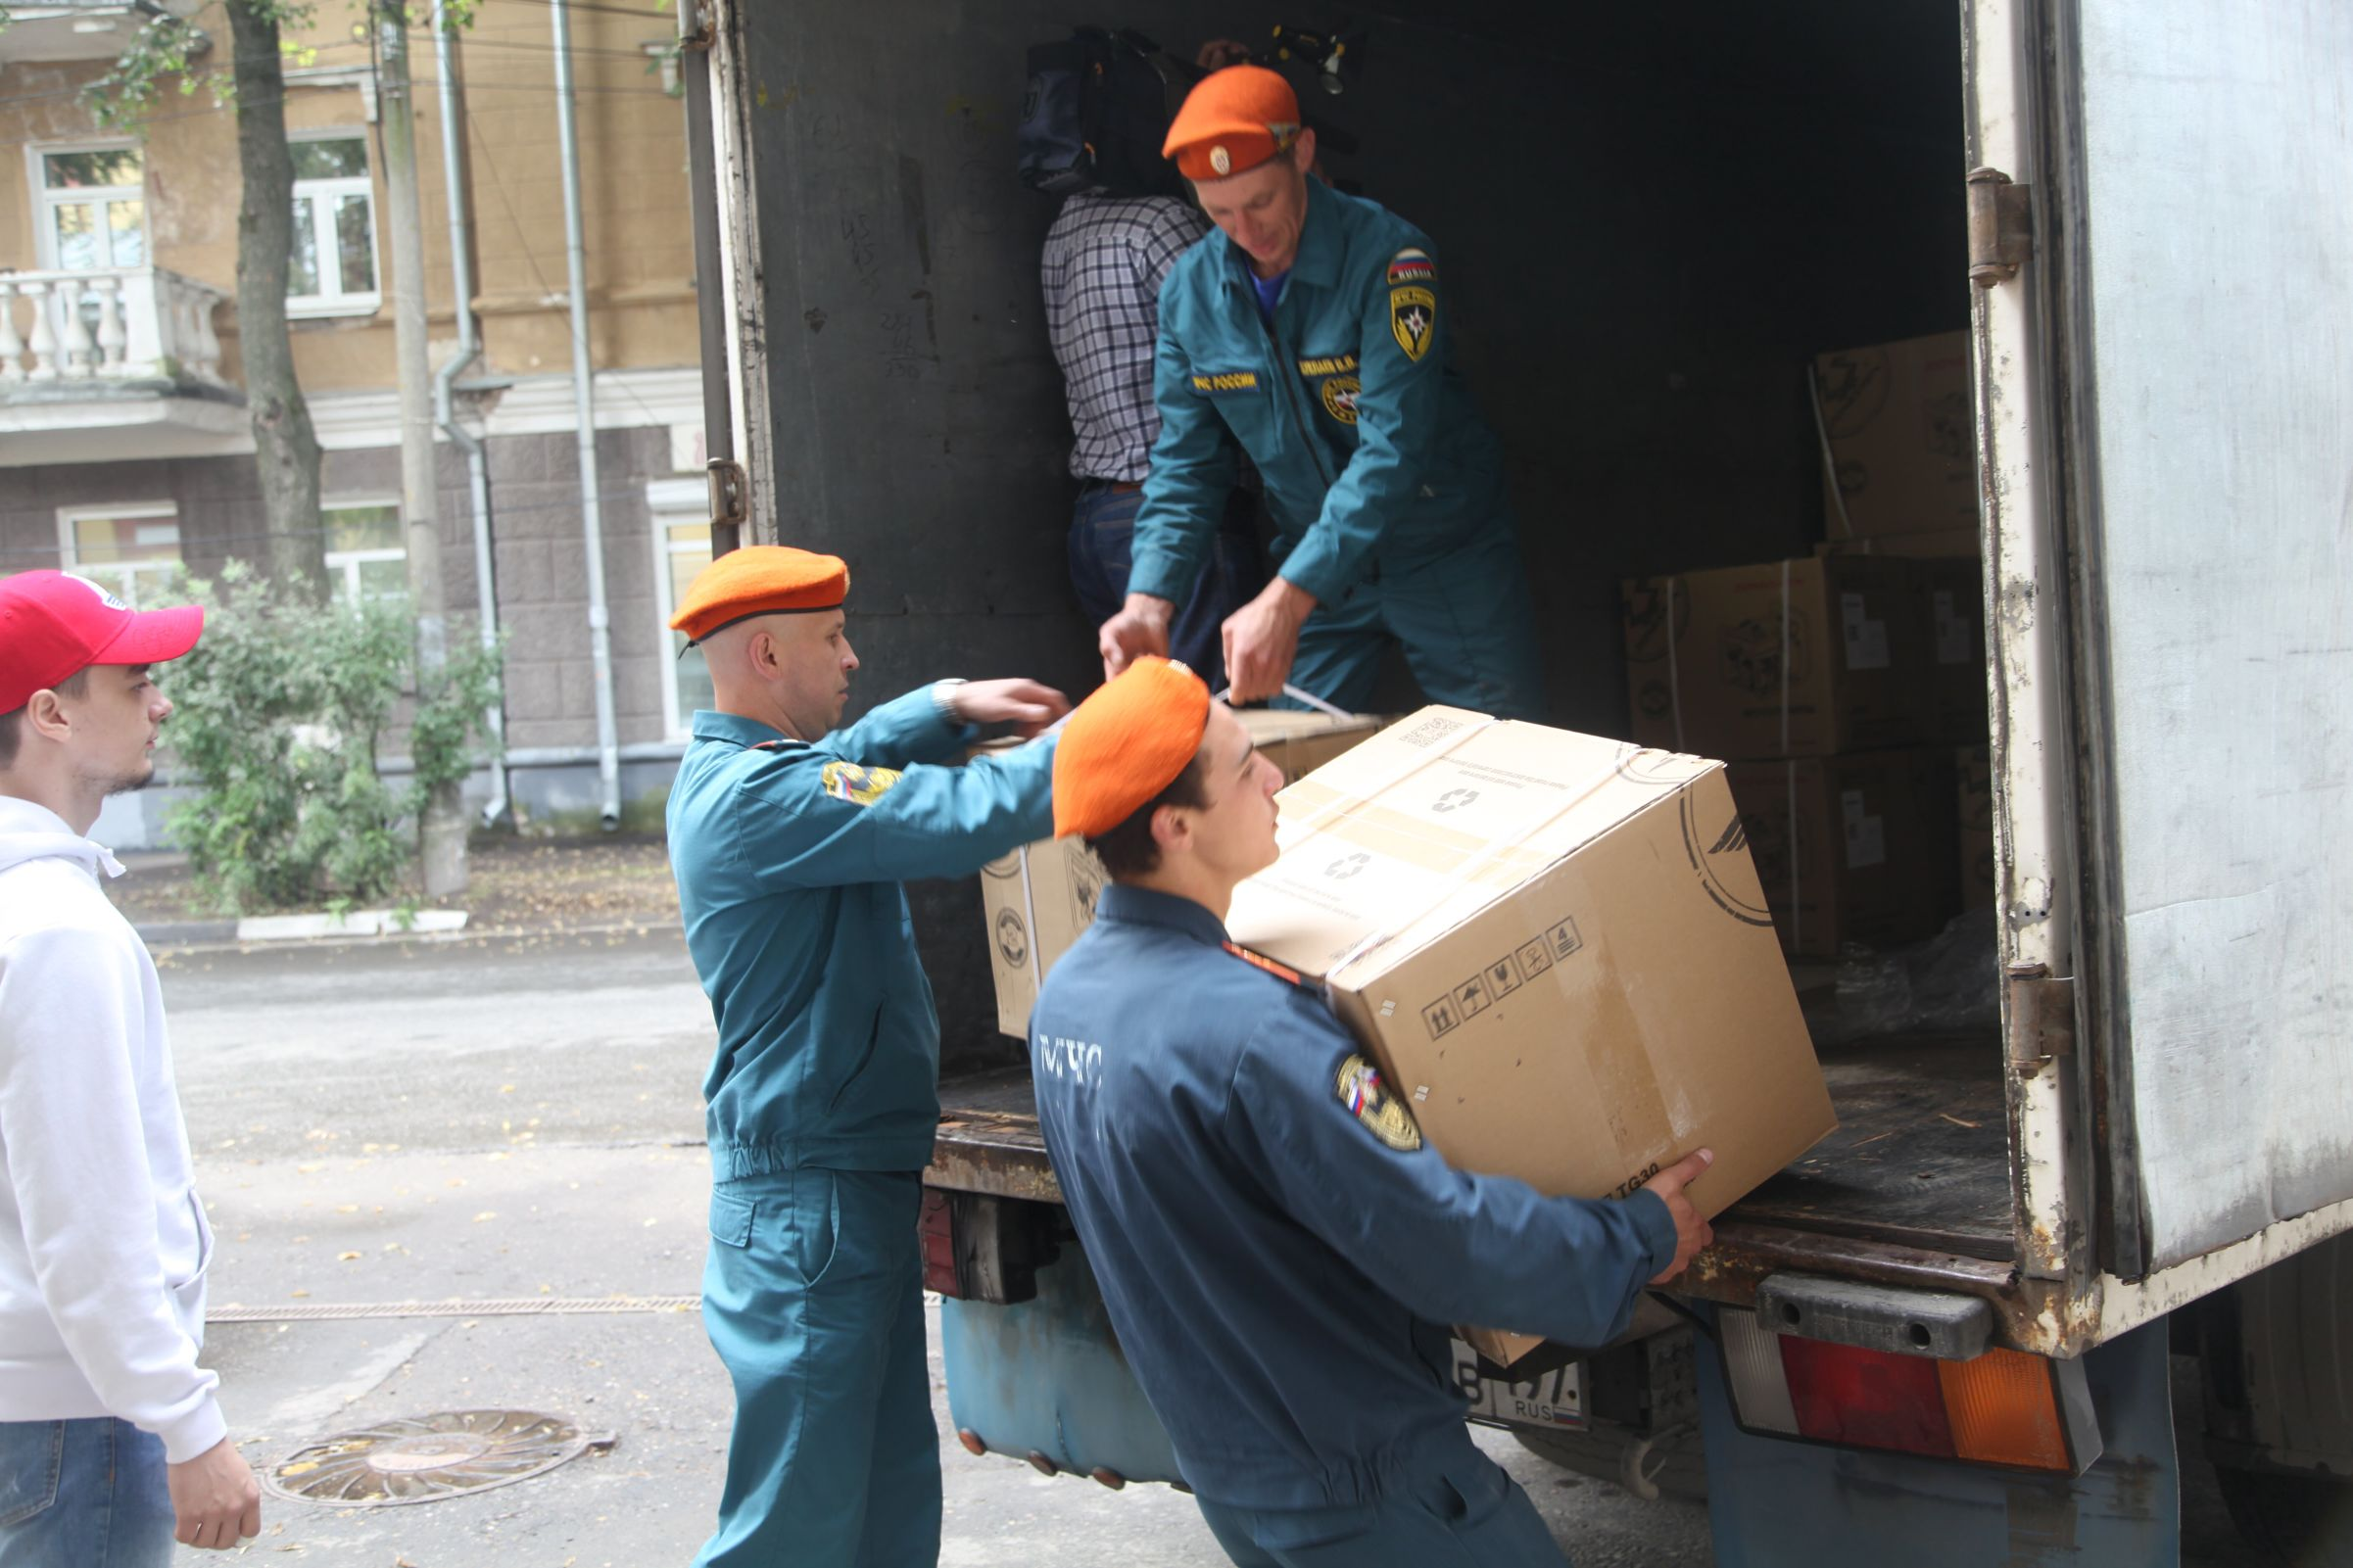 В Ярославле начался централизованный сбор гуманитарной помощи для пострадавших от паводка в Иркутской области